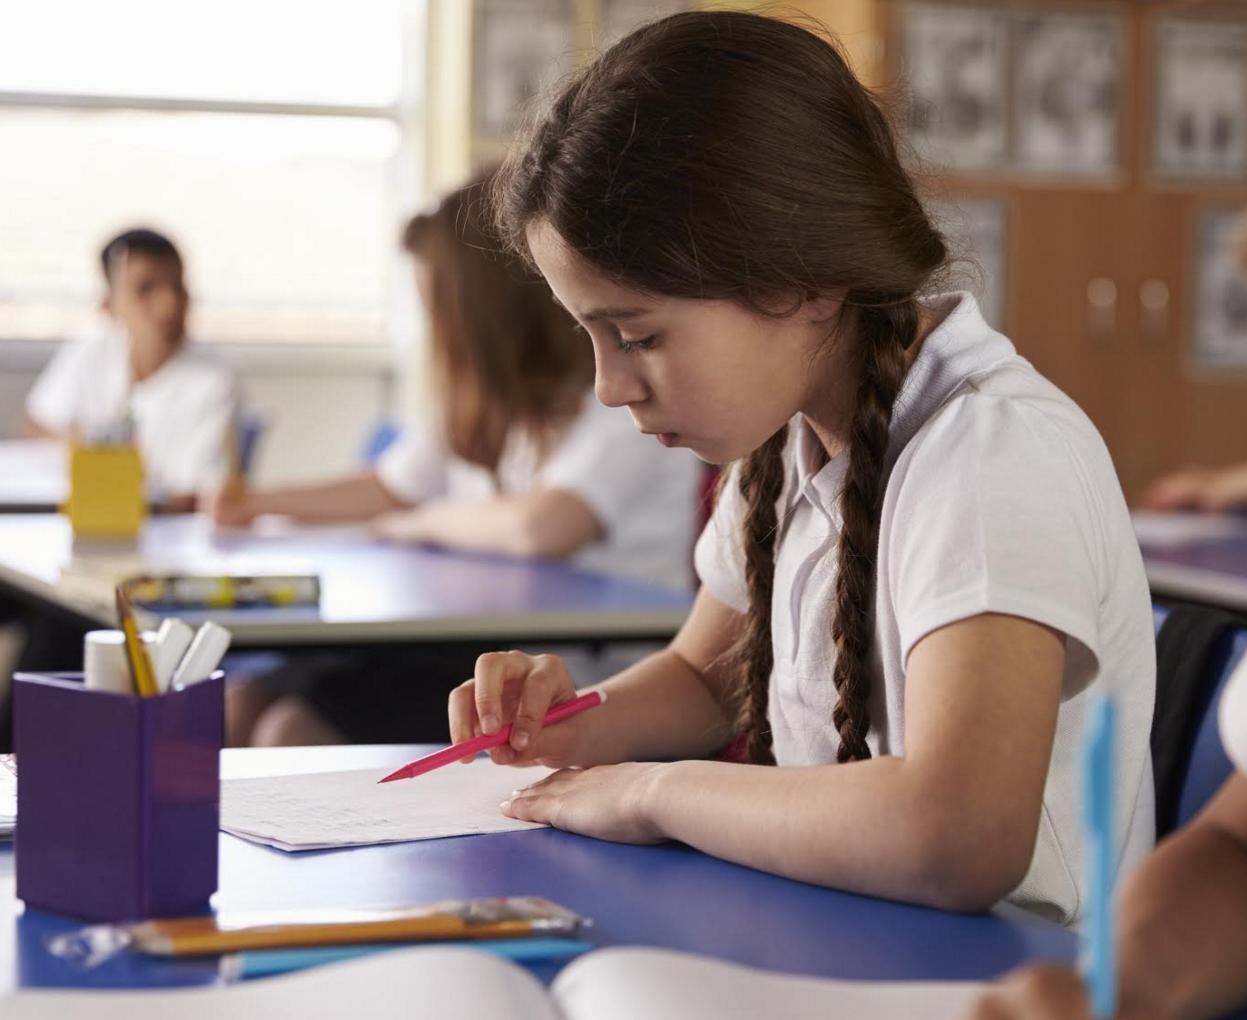 ide okulları, TEOG Yerine Gelen Sisteme İlişkin Açıklamalarda Bulundu